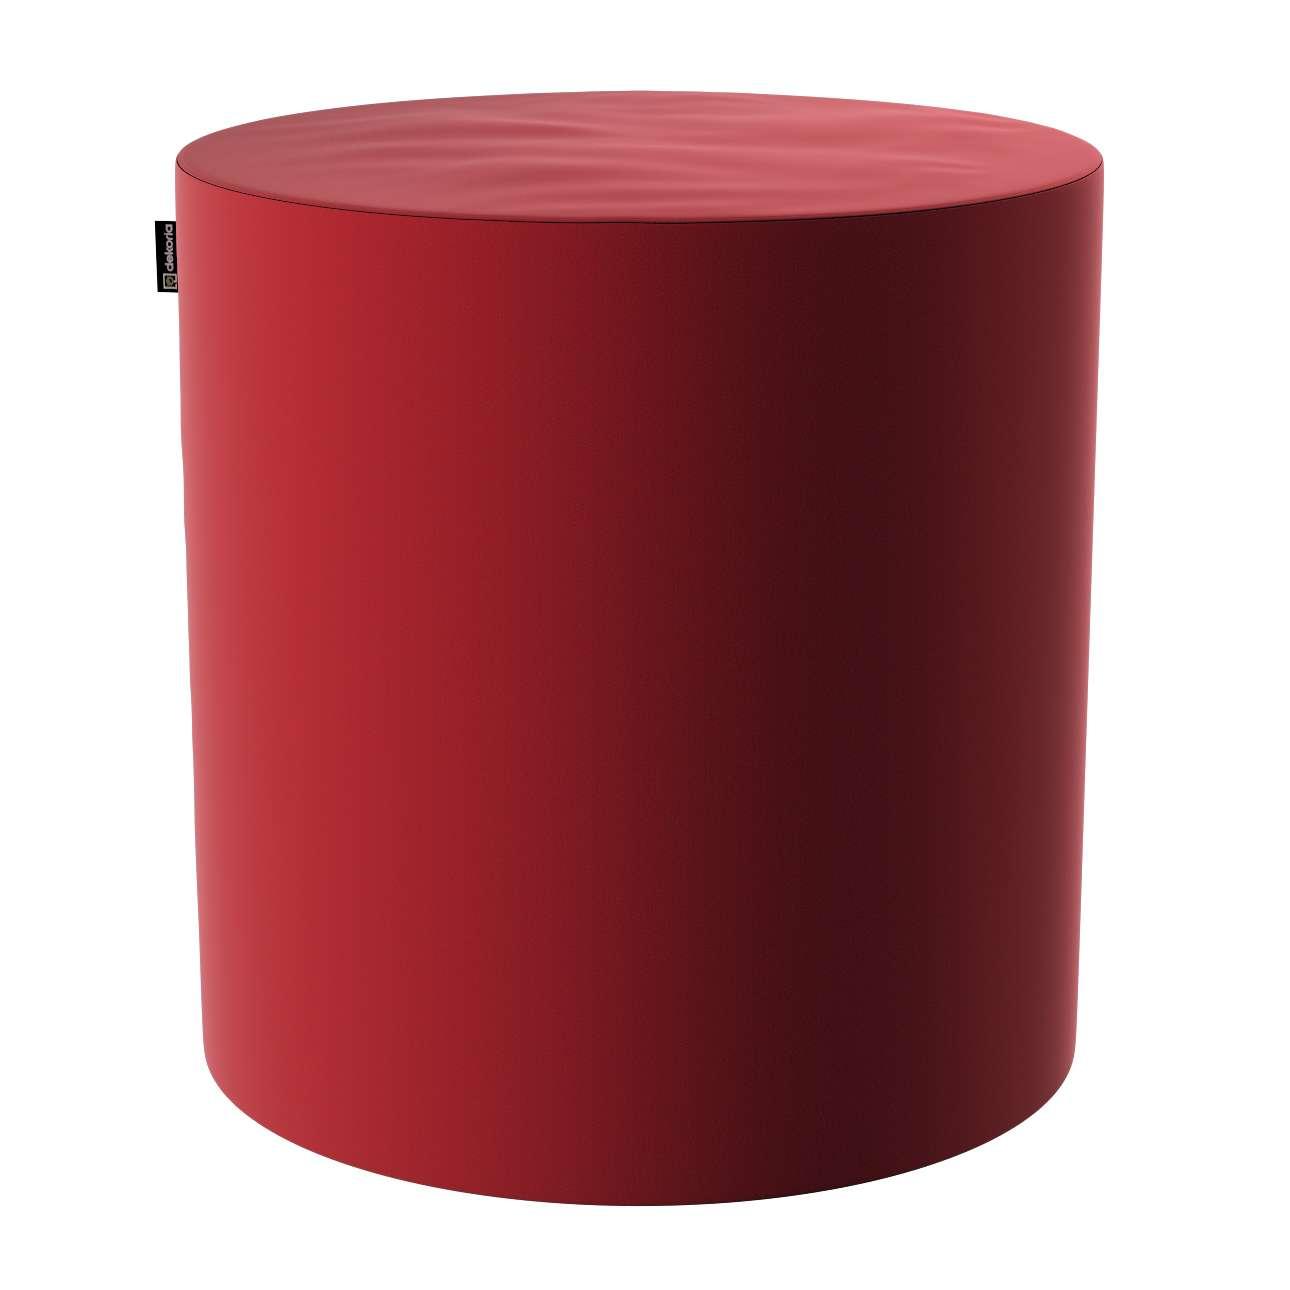 Pouf Barrel von der Kollektion Velvet, Stoff: 704-15